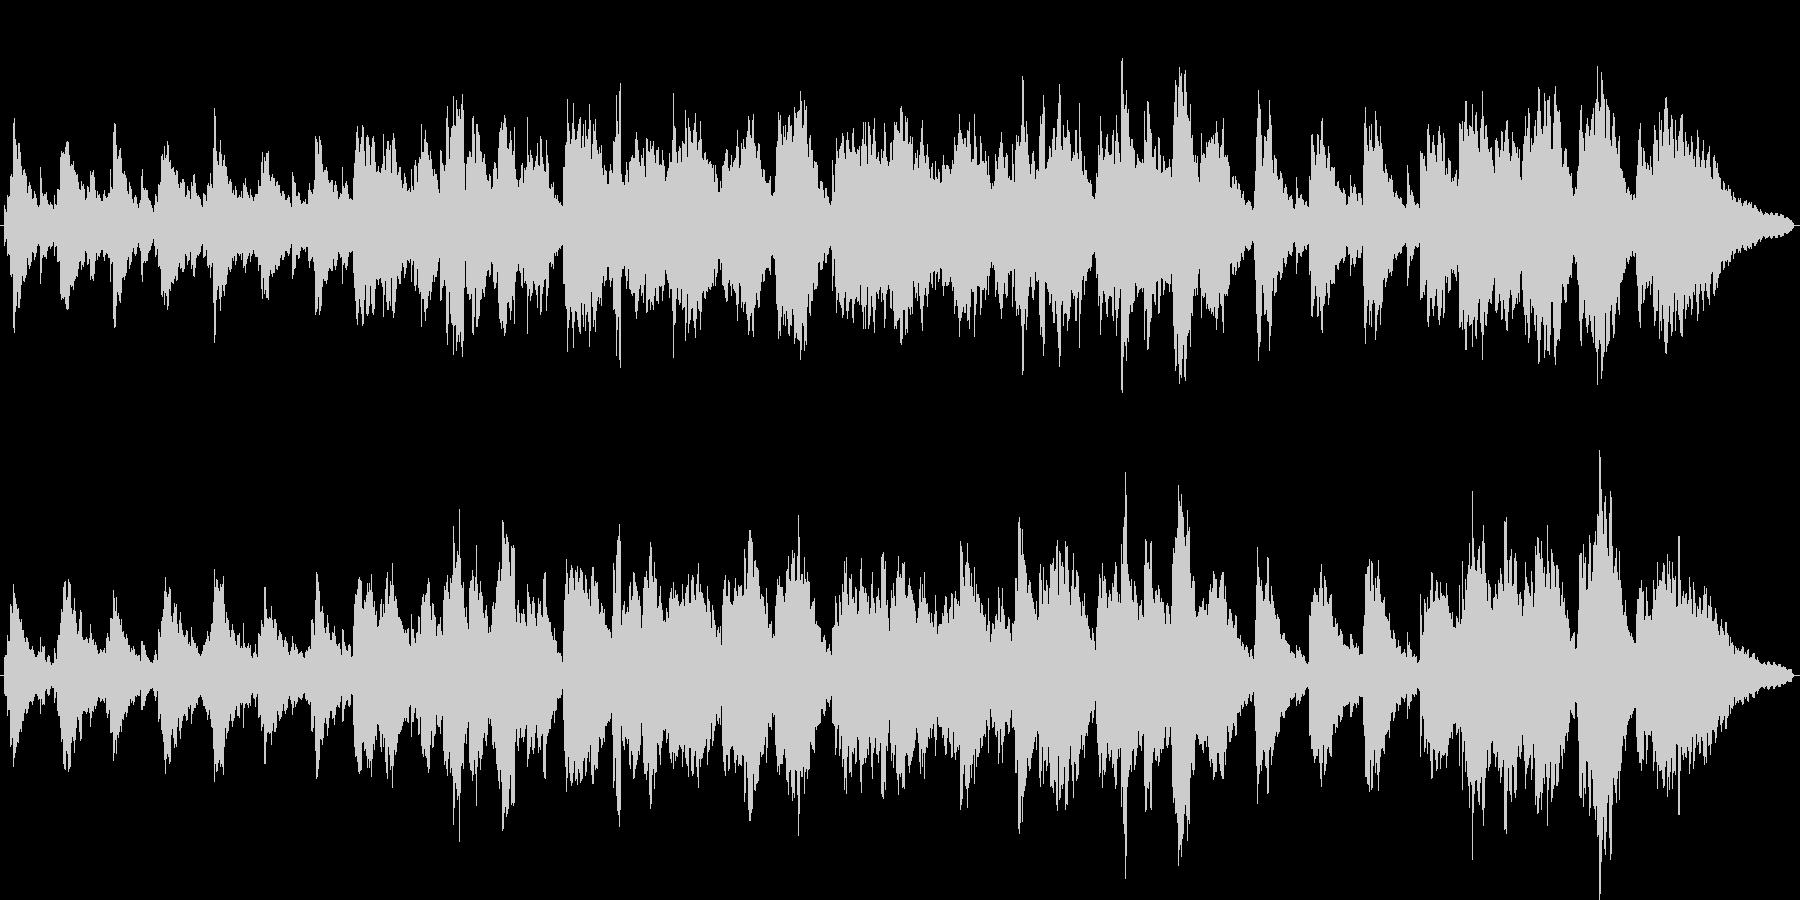 ローズピアノの眠くなるBGM2の未再生の波形